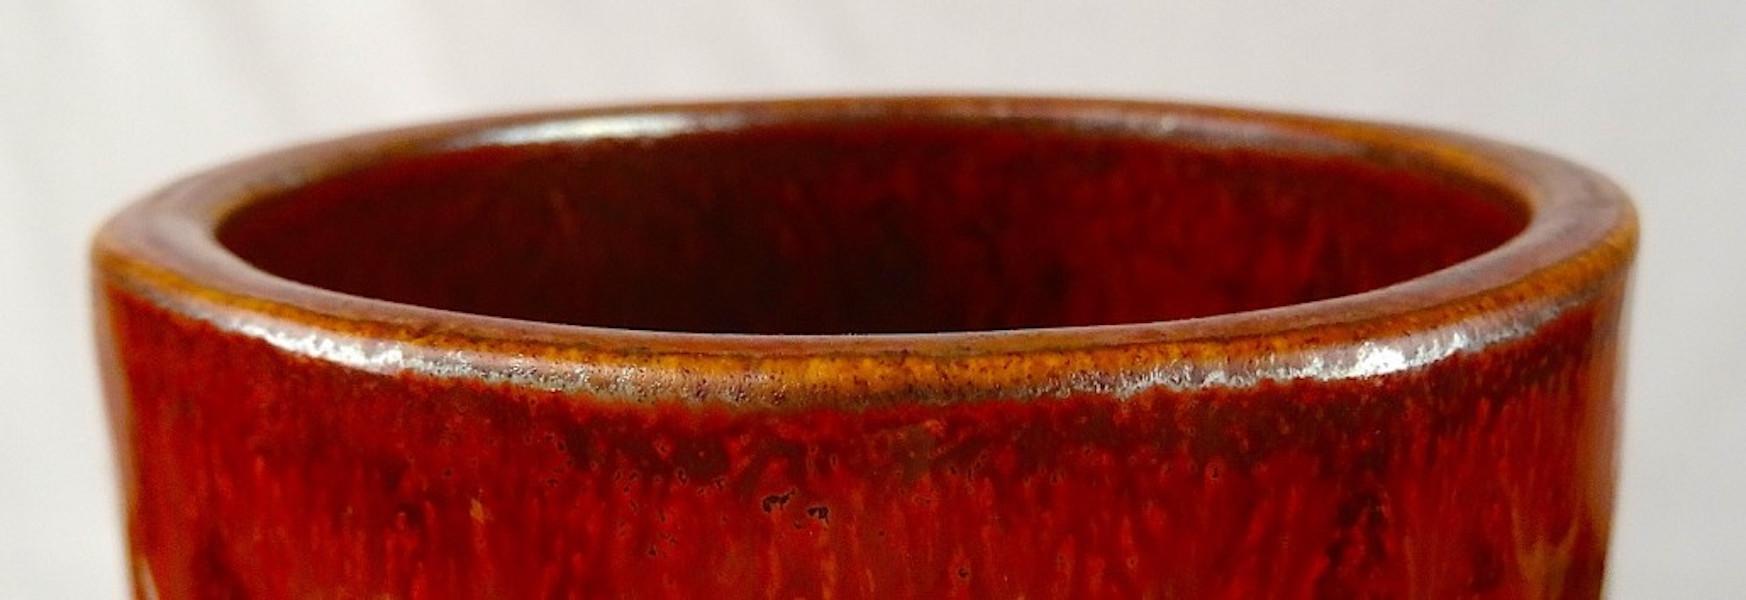 Carl-Harry Stålhane, keramikvas